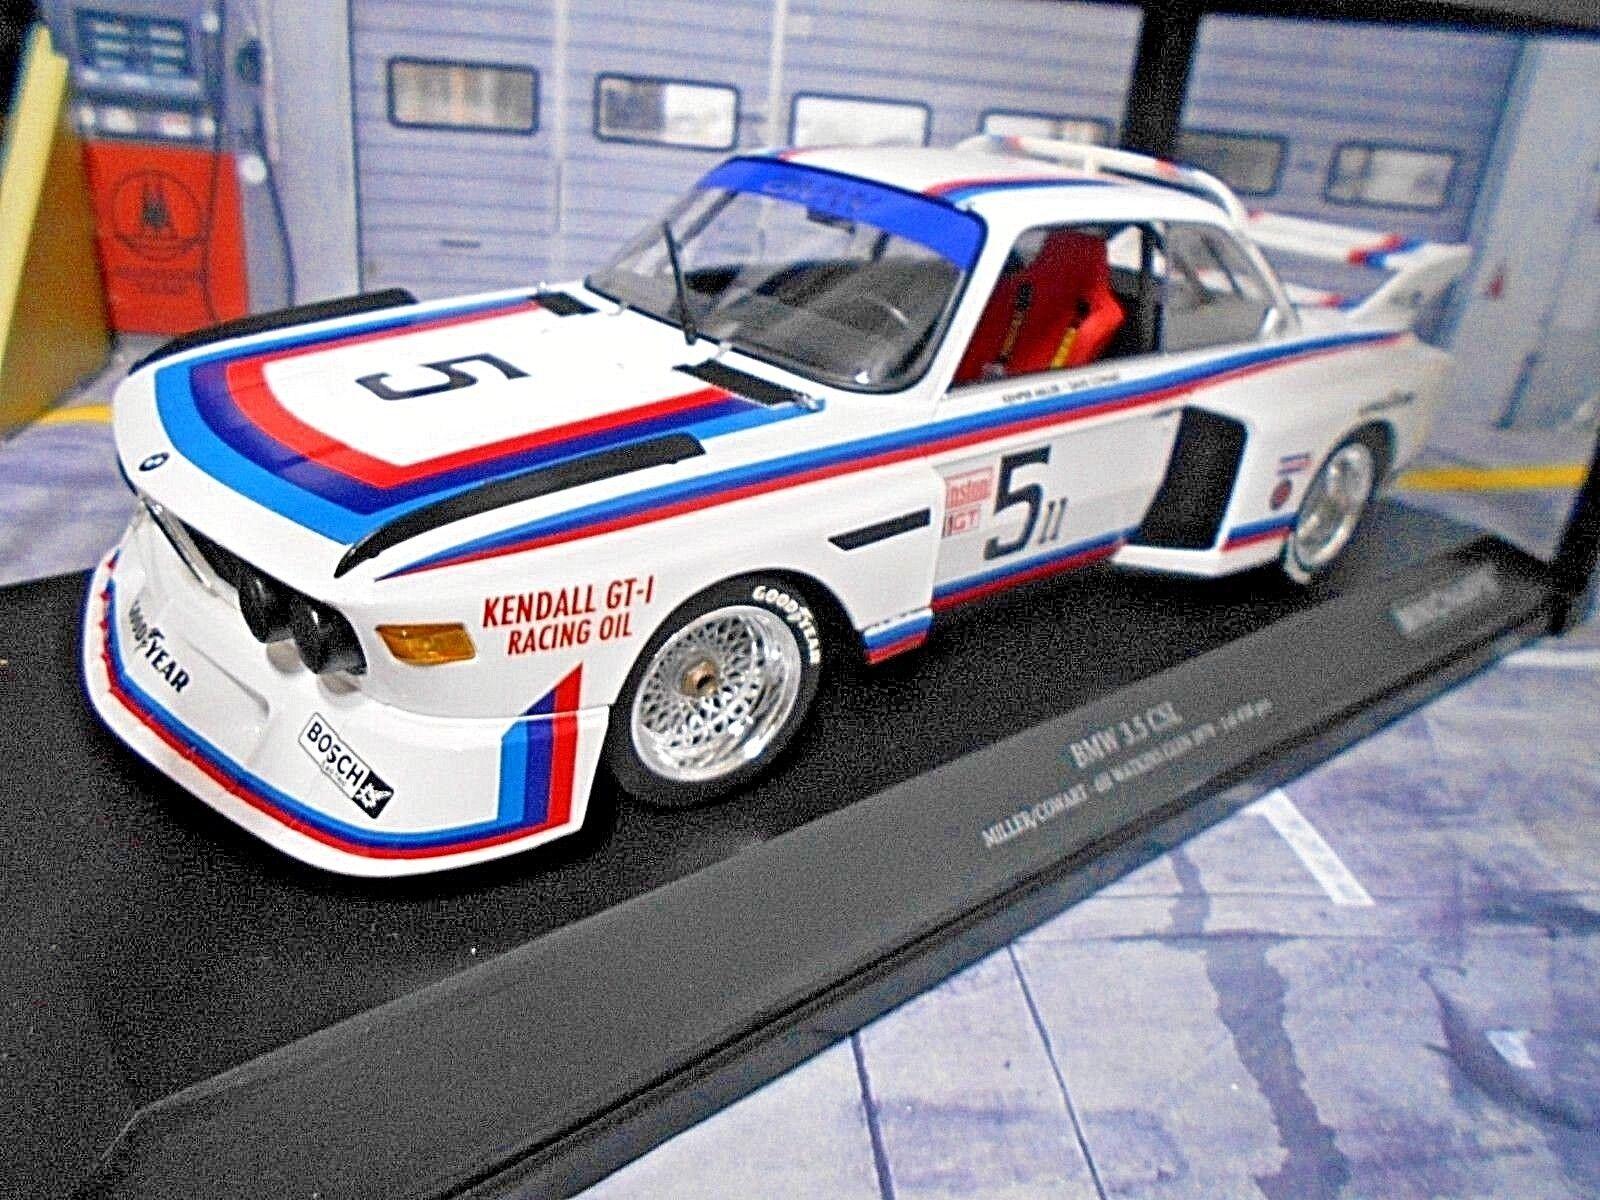 BMW 3.5 CSL 6h Watkins Glen  5 Miller Cowart Kendall 1979 NEU Minichamps 1 18